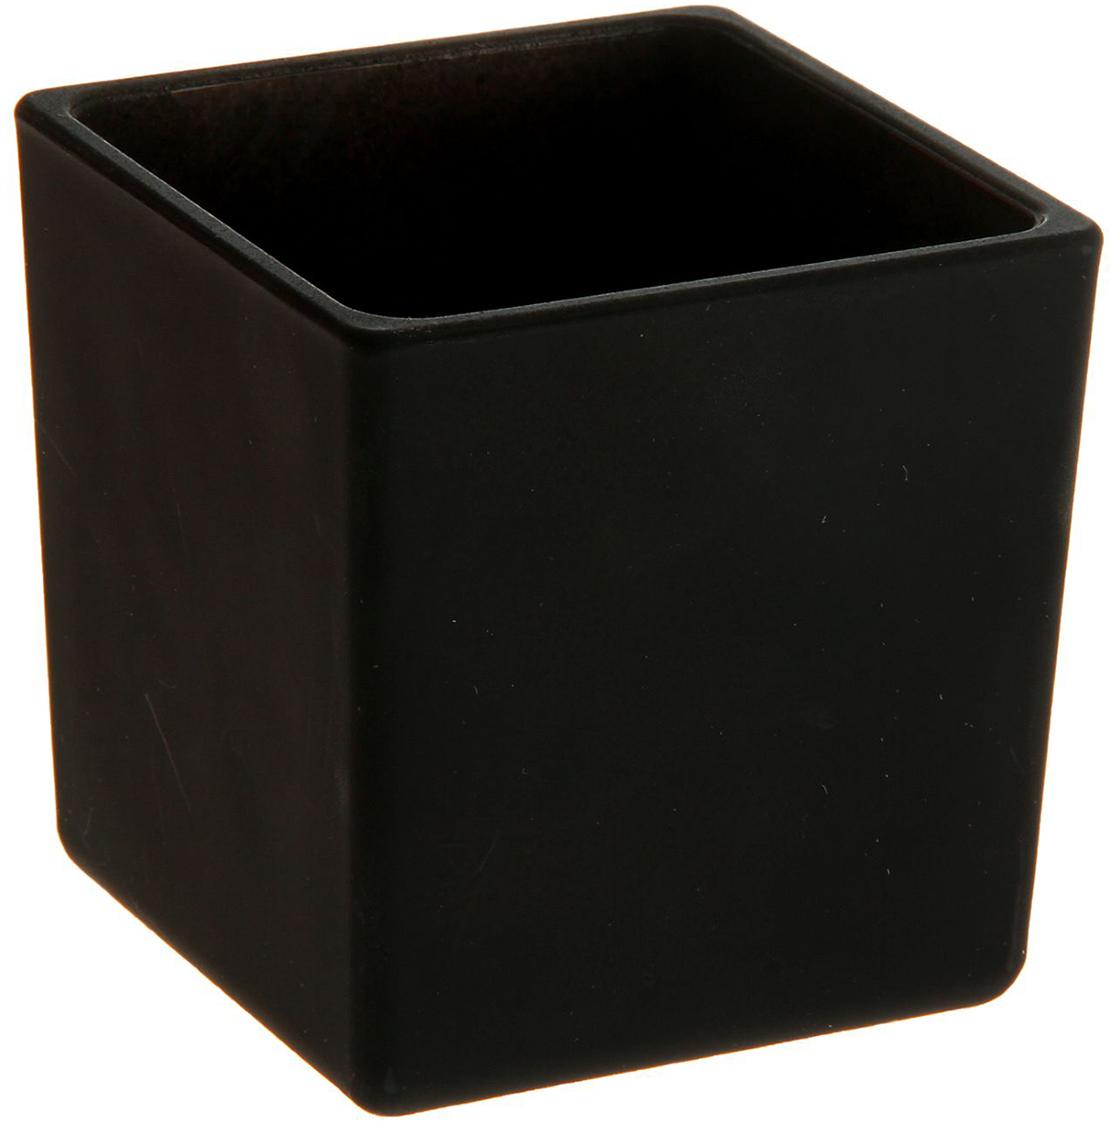 Ваза Evis Пять вечеров, цвет: черный, 0,25 л. 1169877 ваза evis вероника 1 95 л